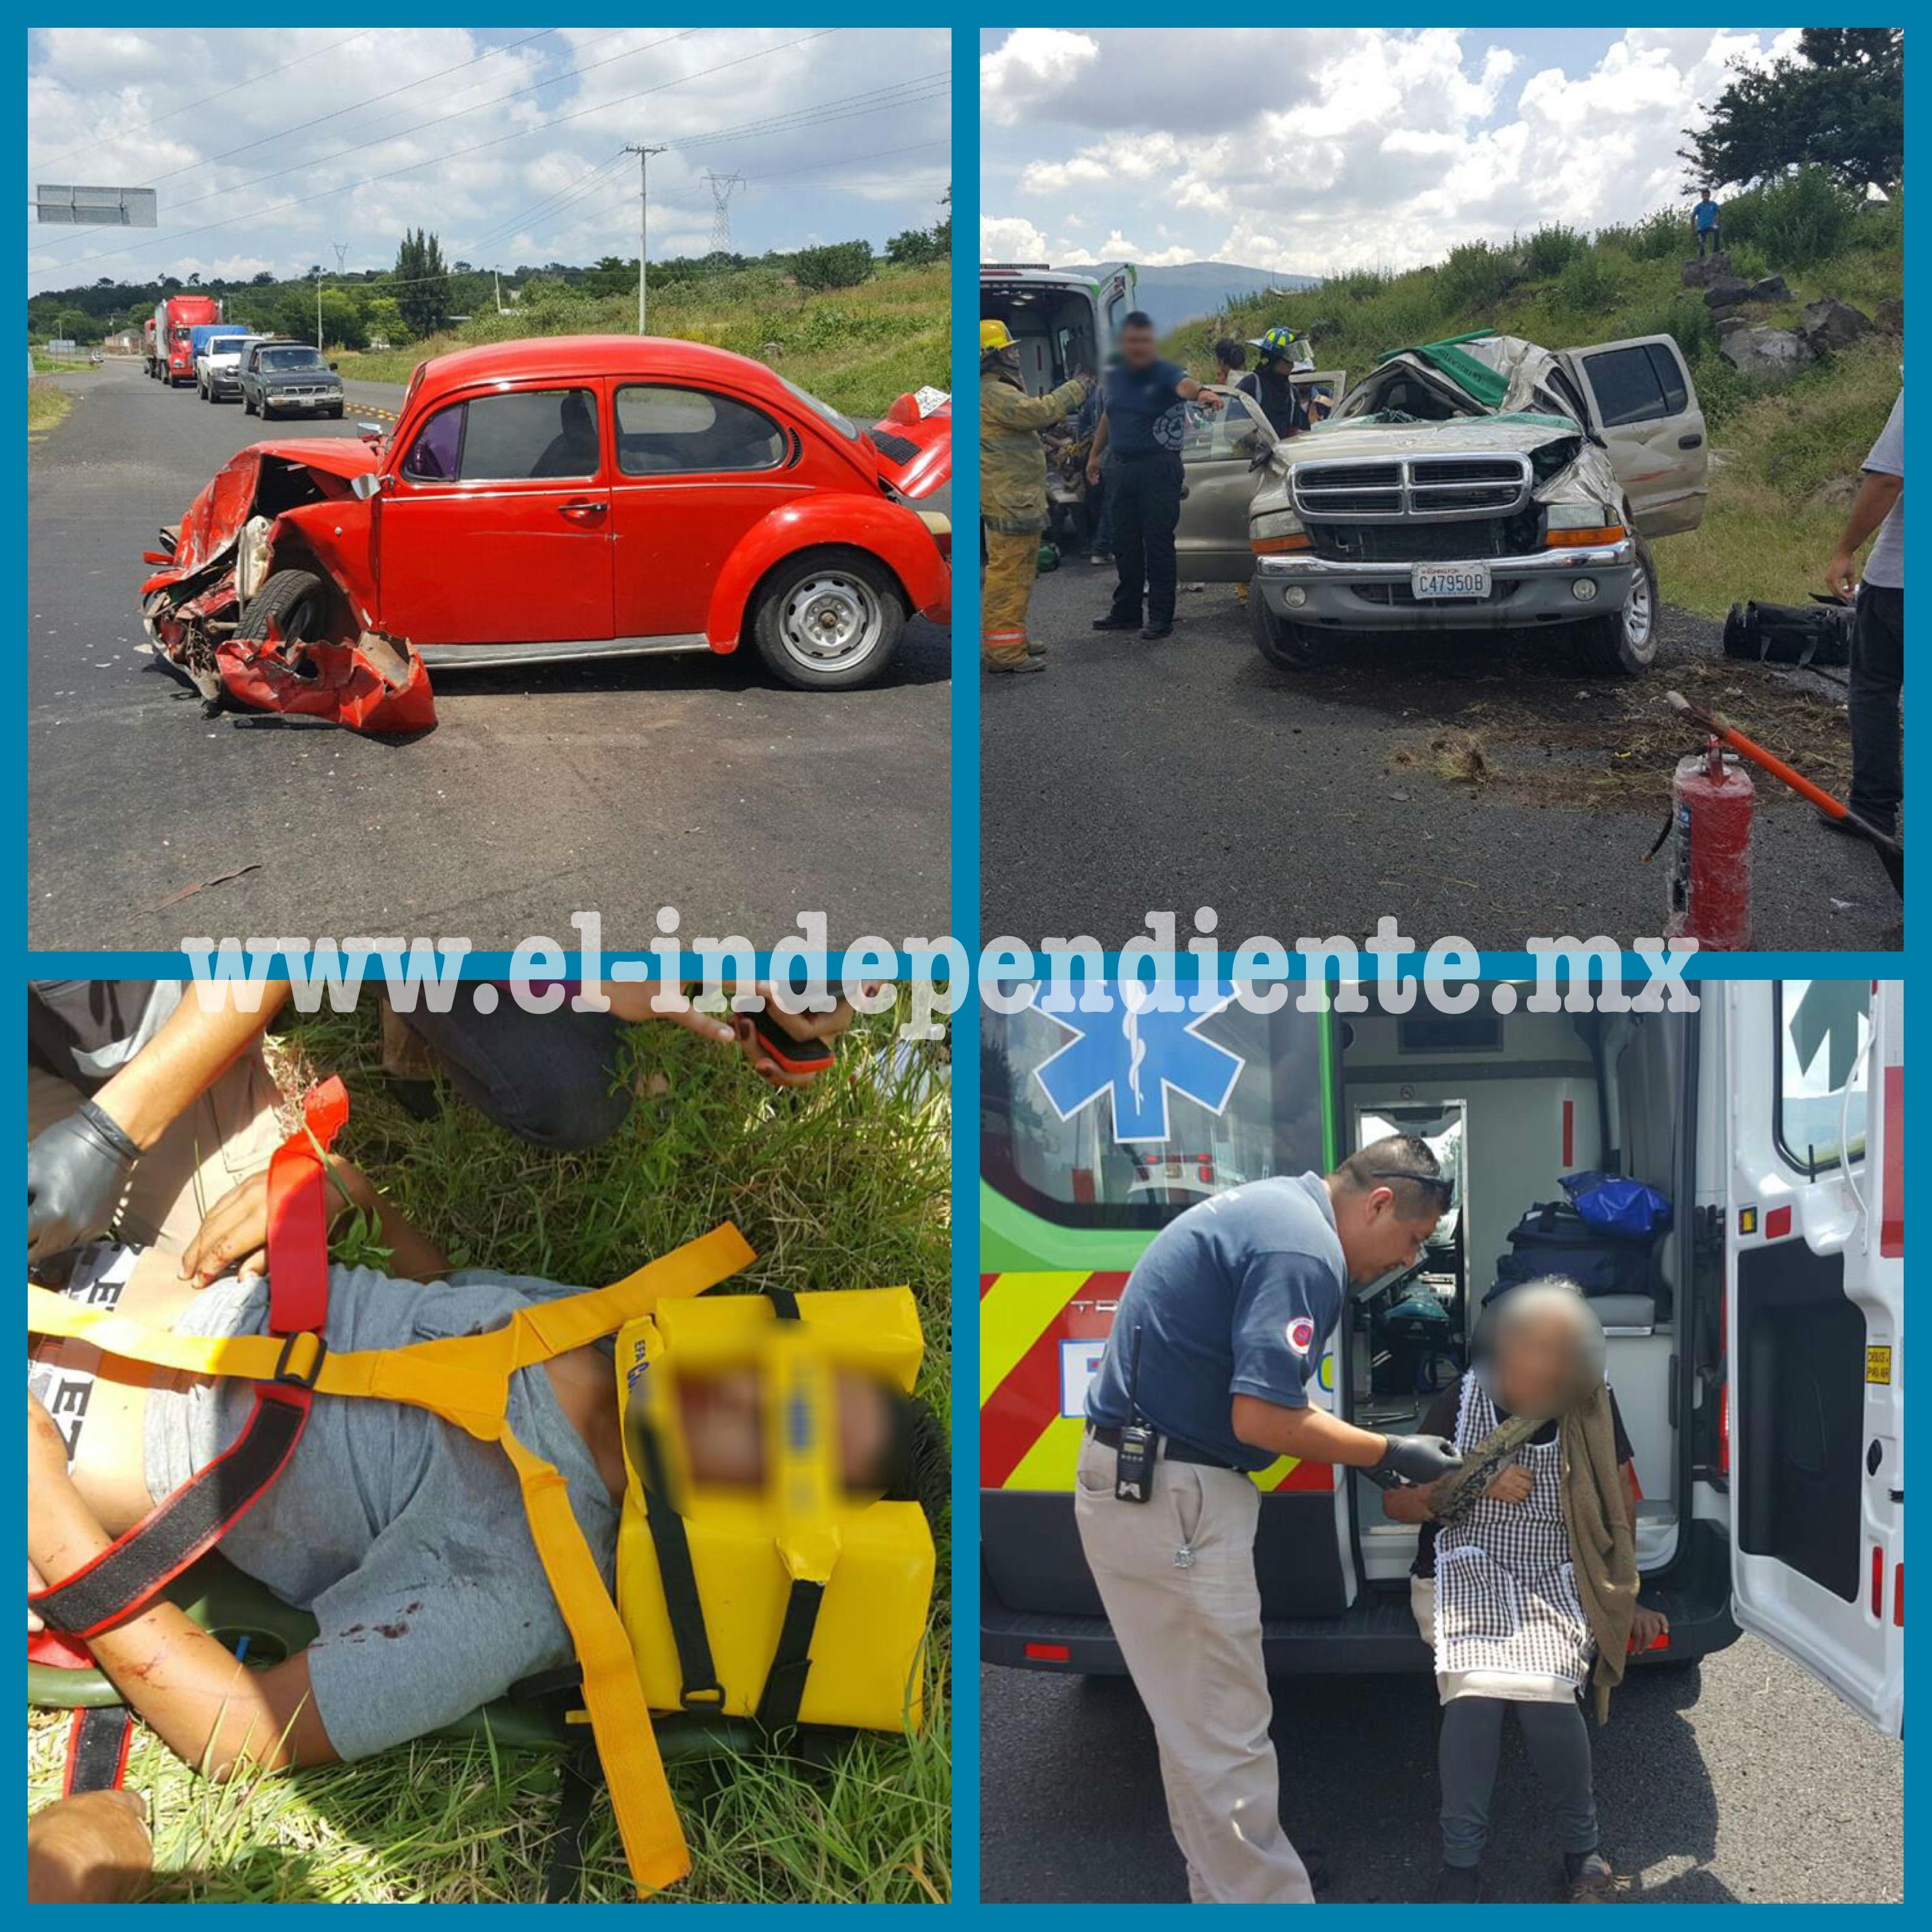 6 lesionados de una familia tras fuerte choque en Chaparaco